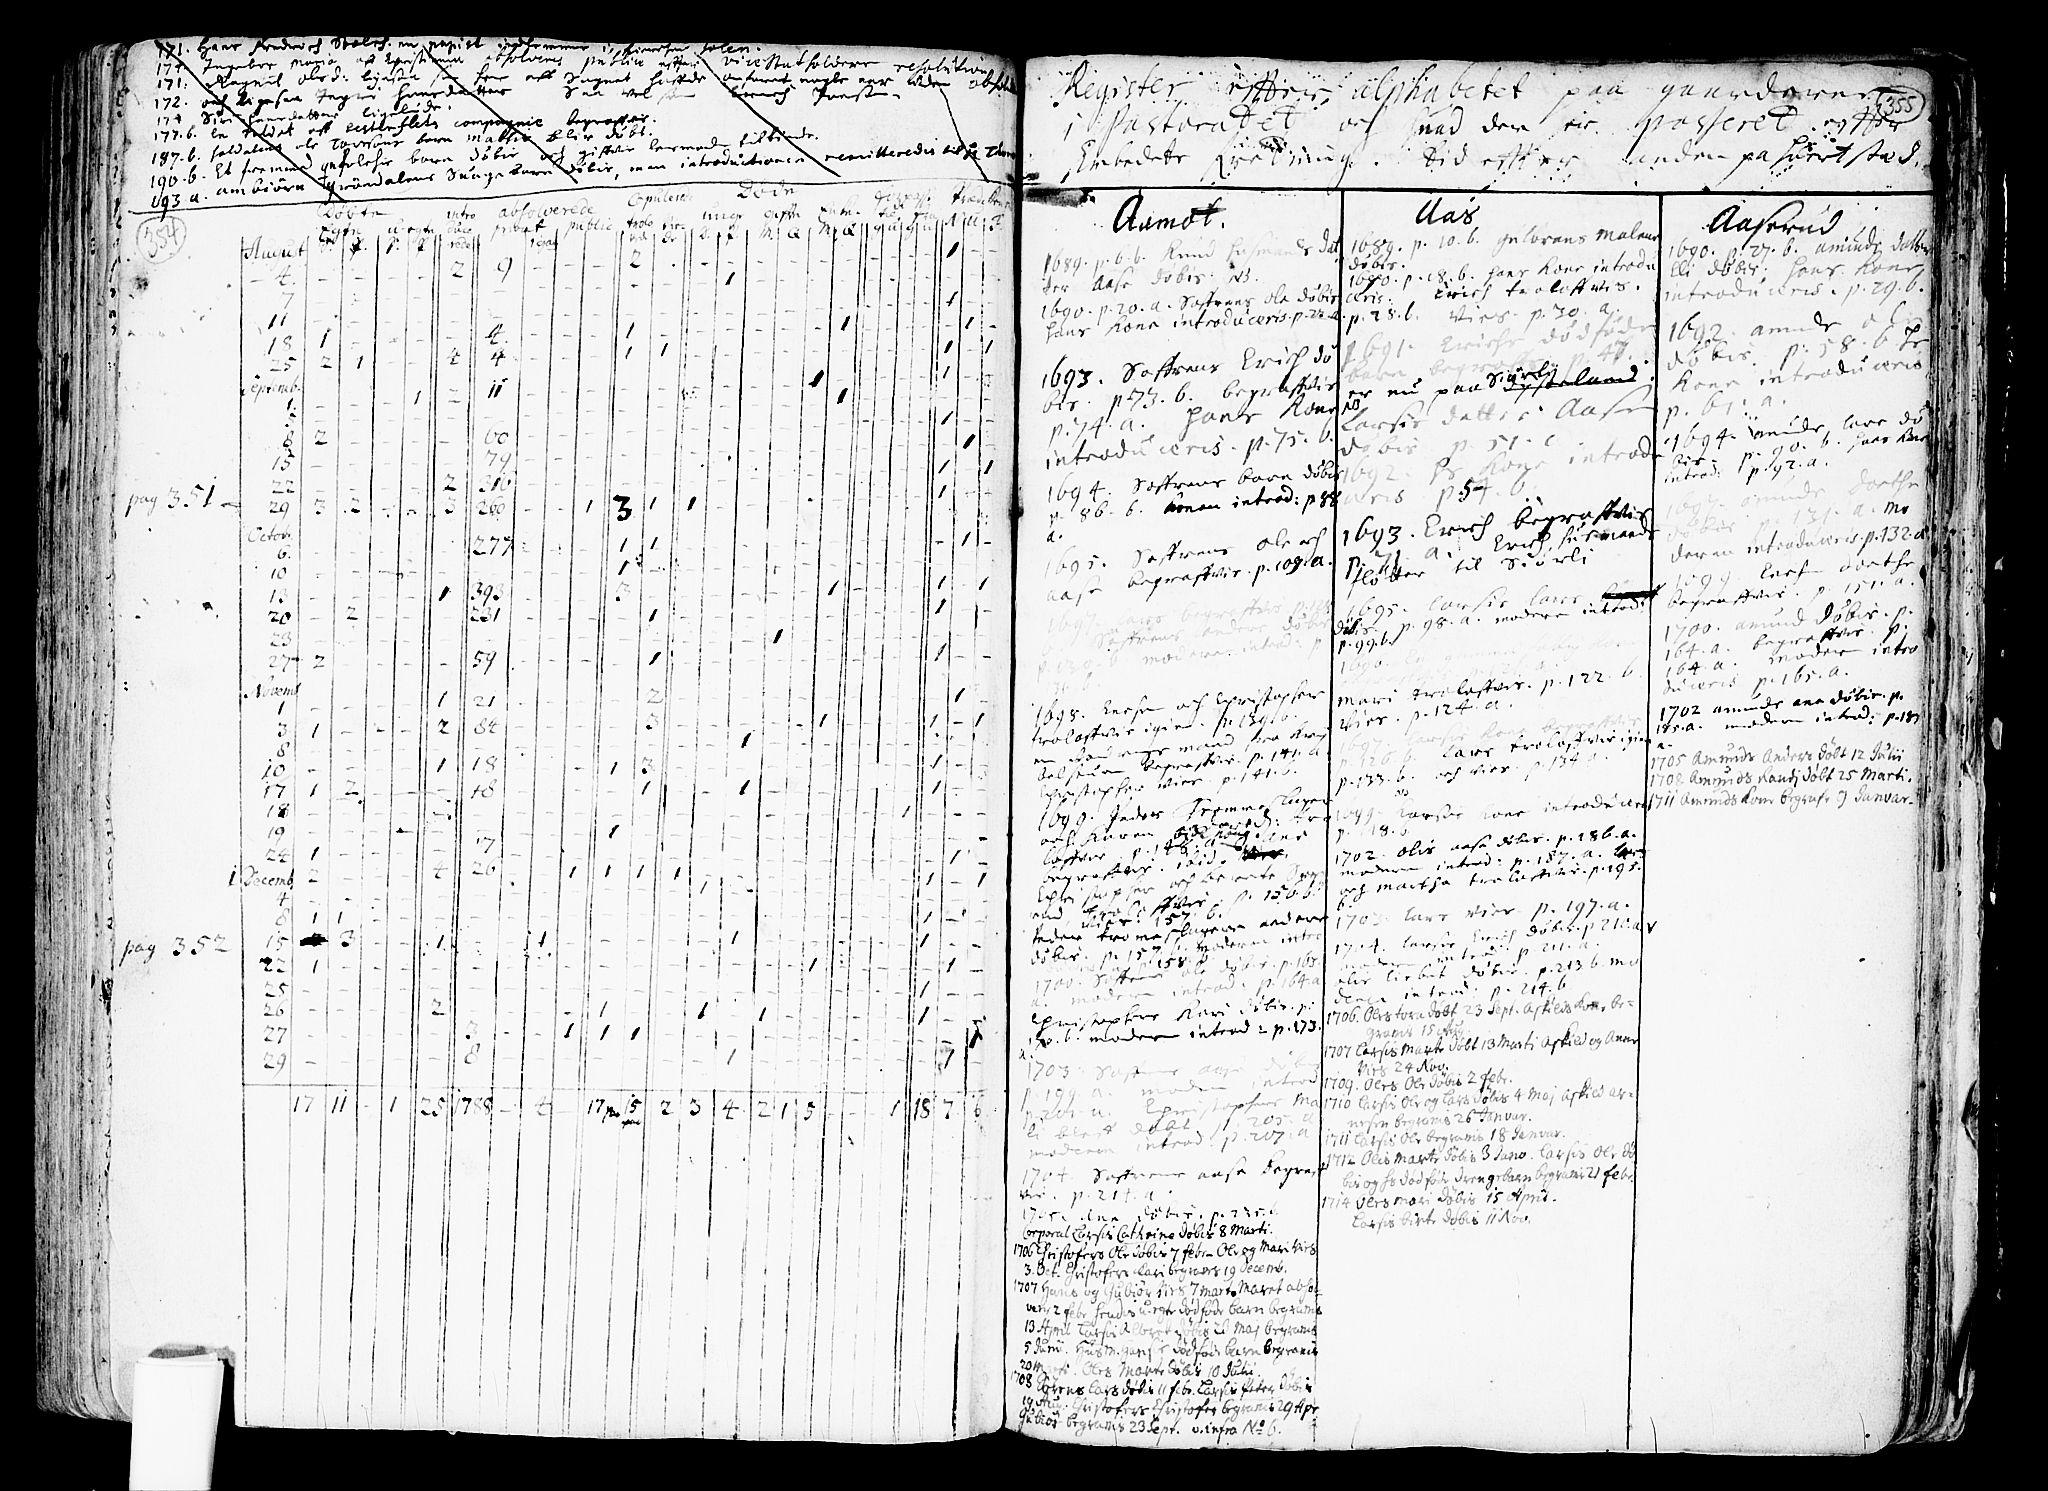 SAO, Nes prestekontor Kirkebøker, F/Fa/L0001: Ministerialbok nr. I 1, 1689-1716, s. 354